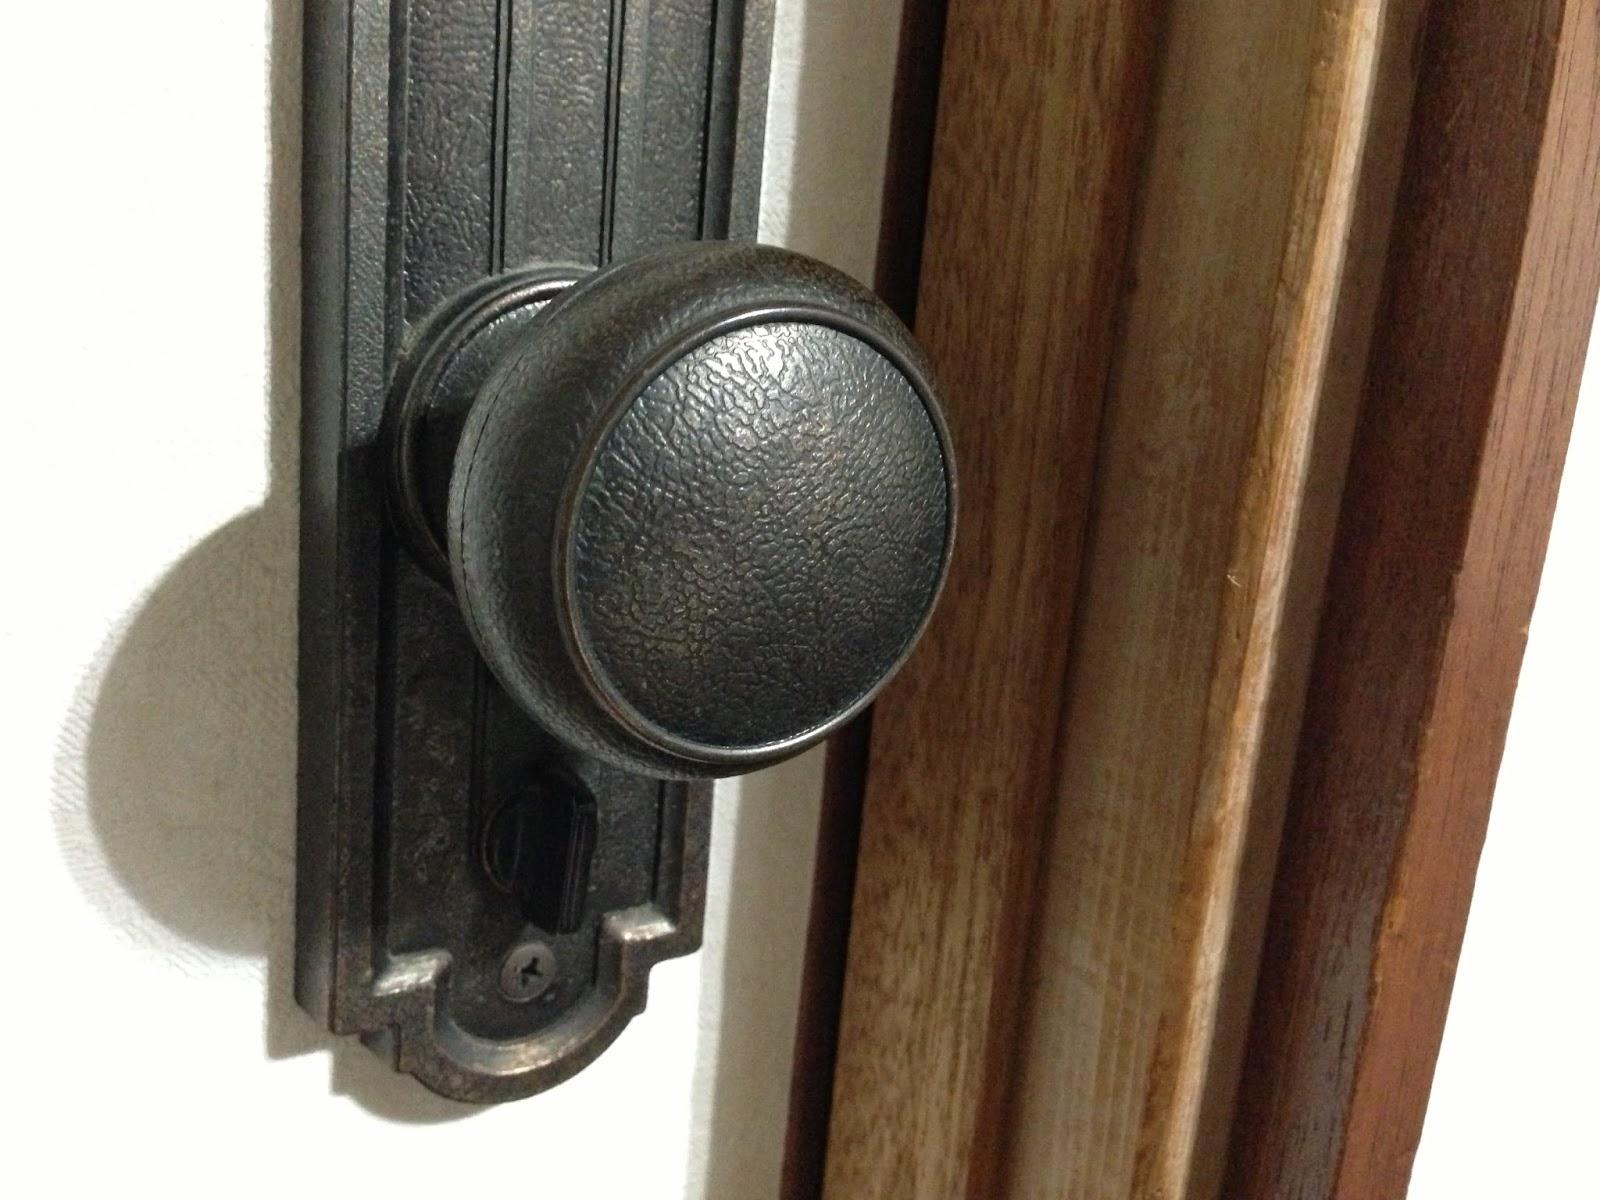 door knob slang photo - 1